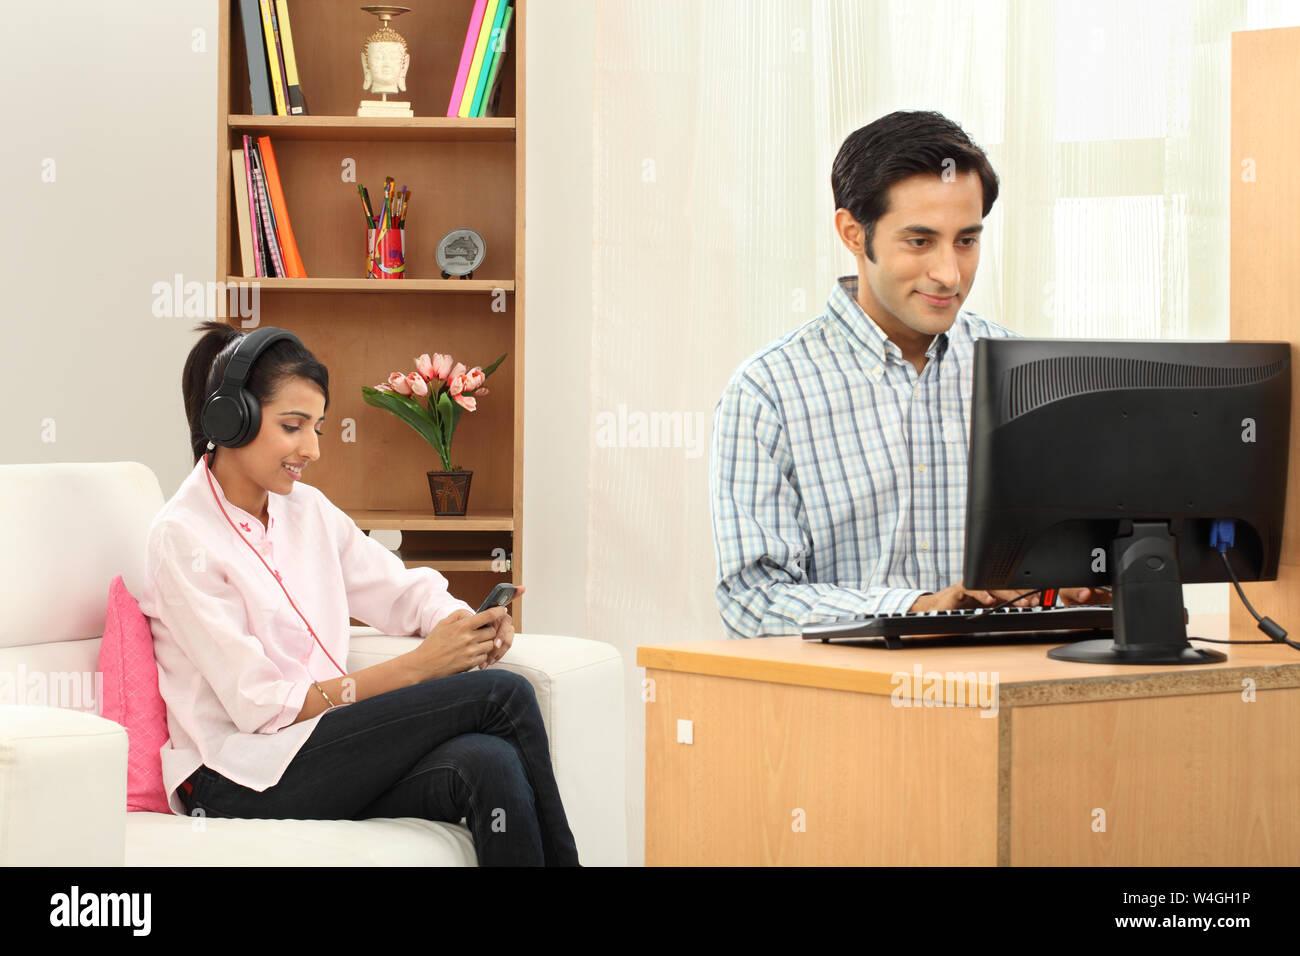 Indischen Mann arbeitet auf einem Desktop-pc mit seiner Frau anhören von Musik auf dem Handy Stockfoto